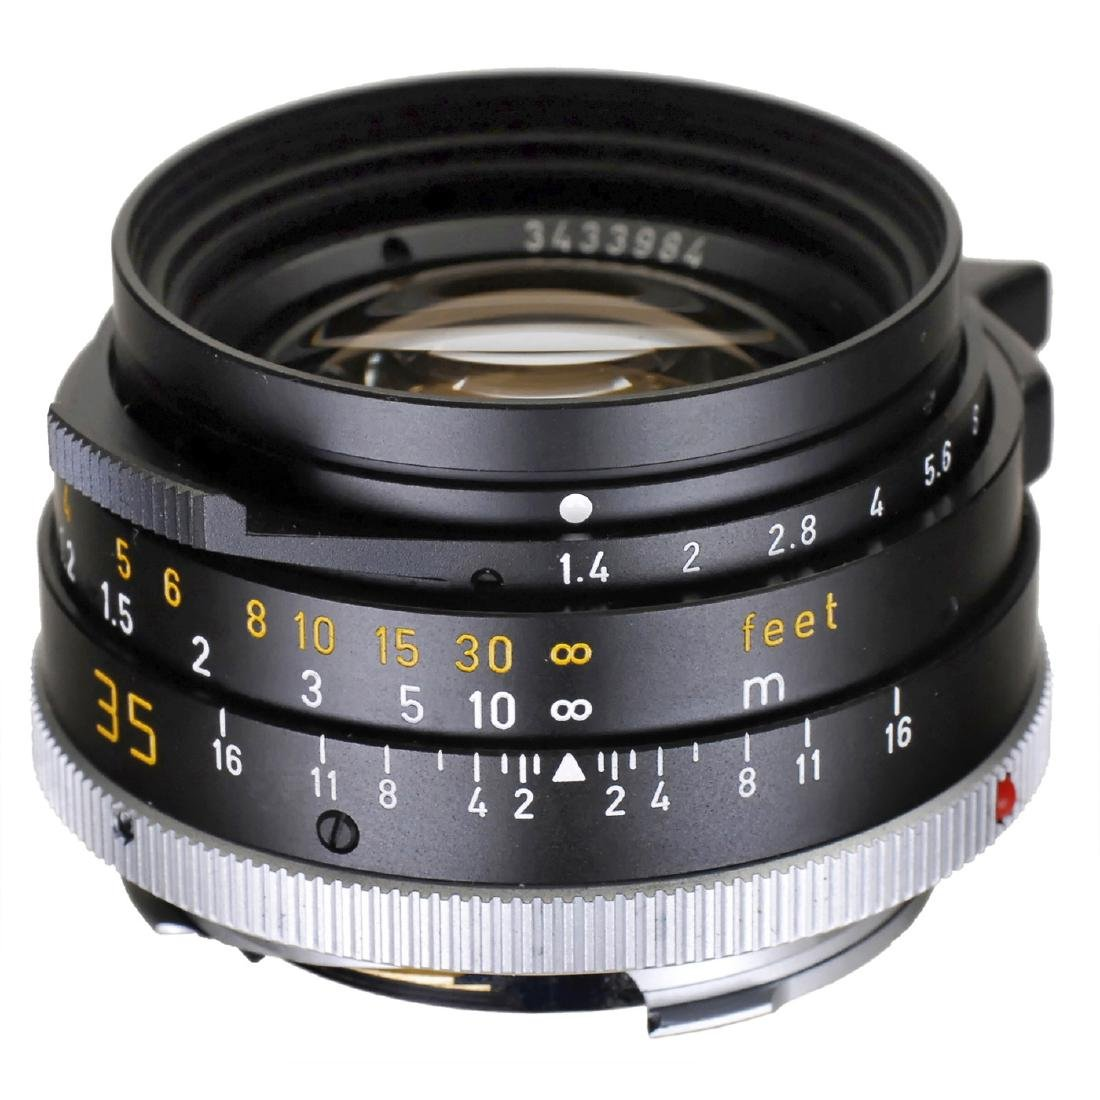 Summilux-M 1,4/35 mm (11870), 1987